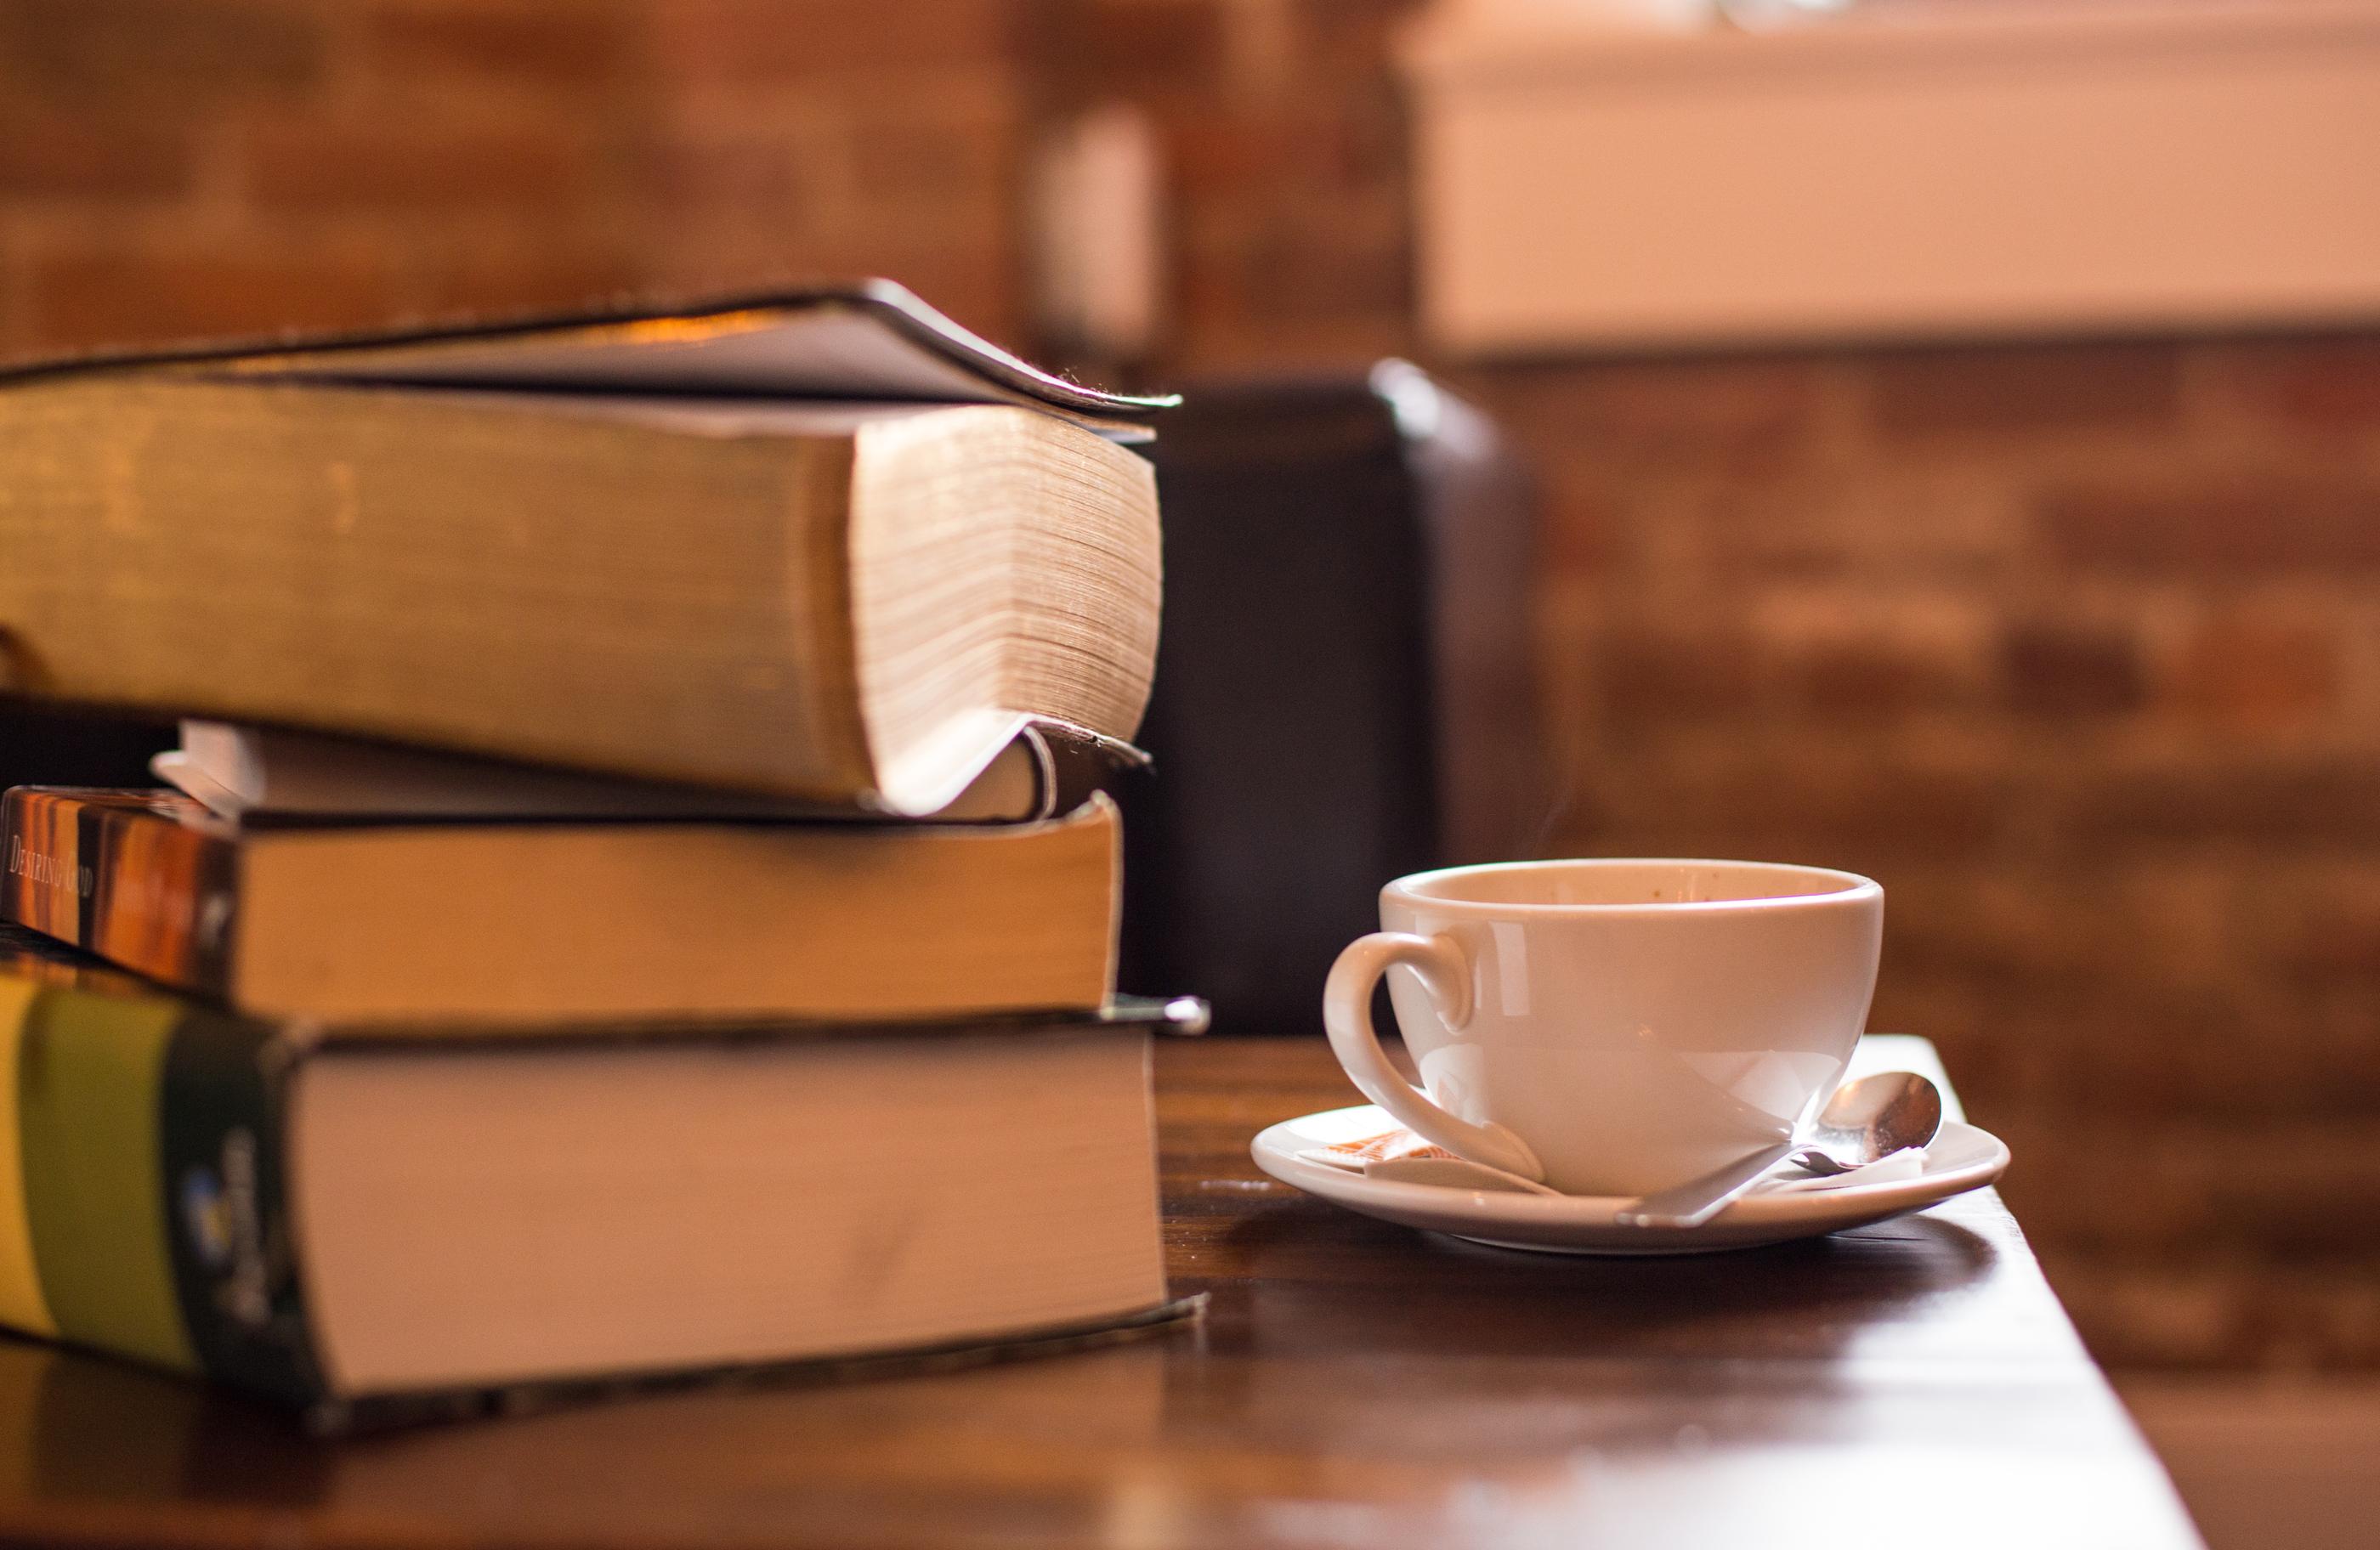 5 Classic Novels That Set the Bar